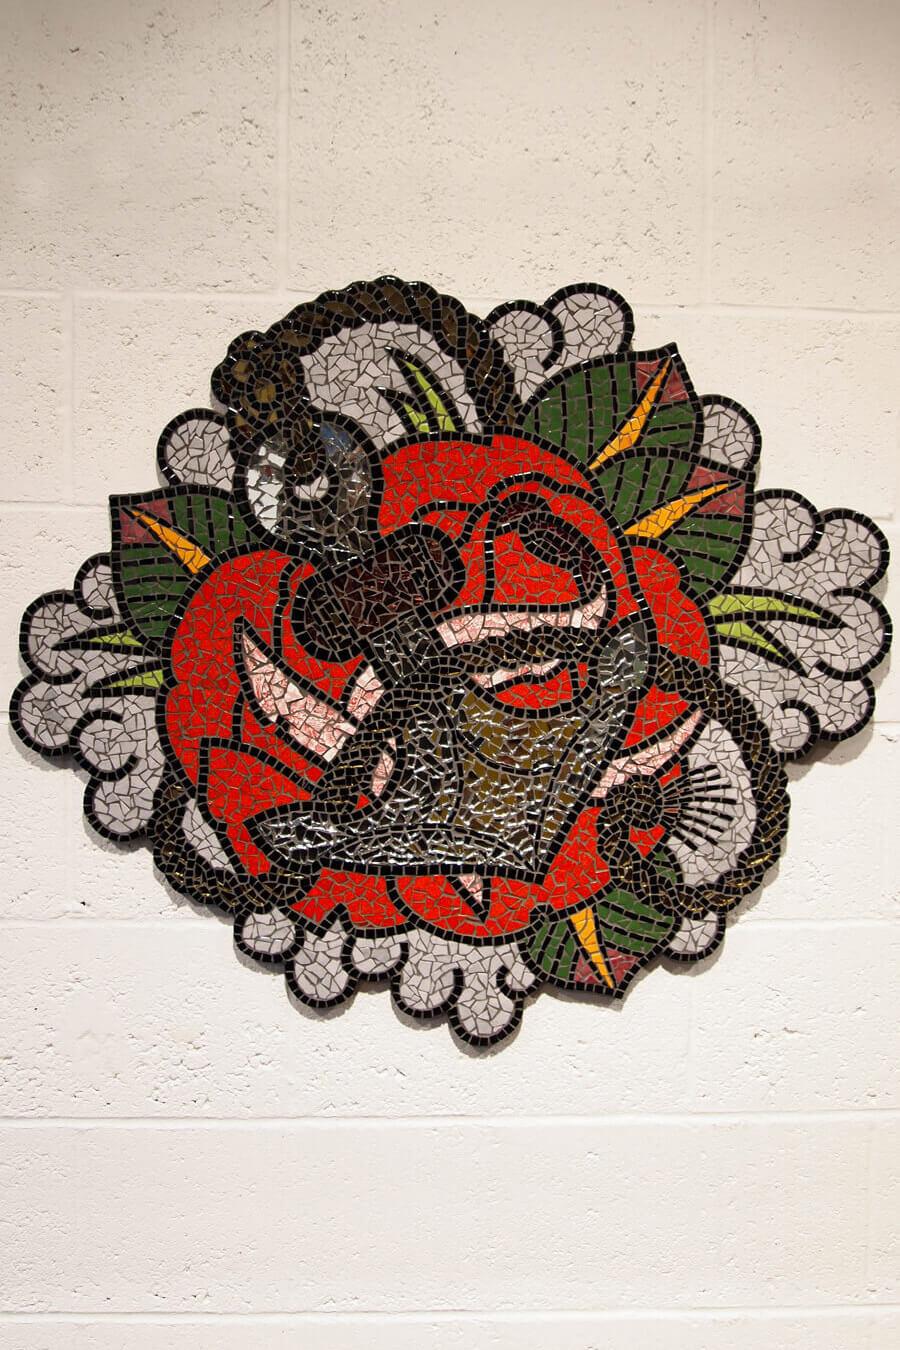 Rose and Anchor Mosaic